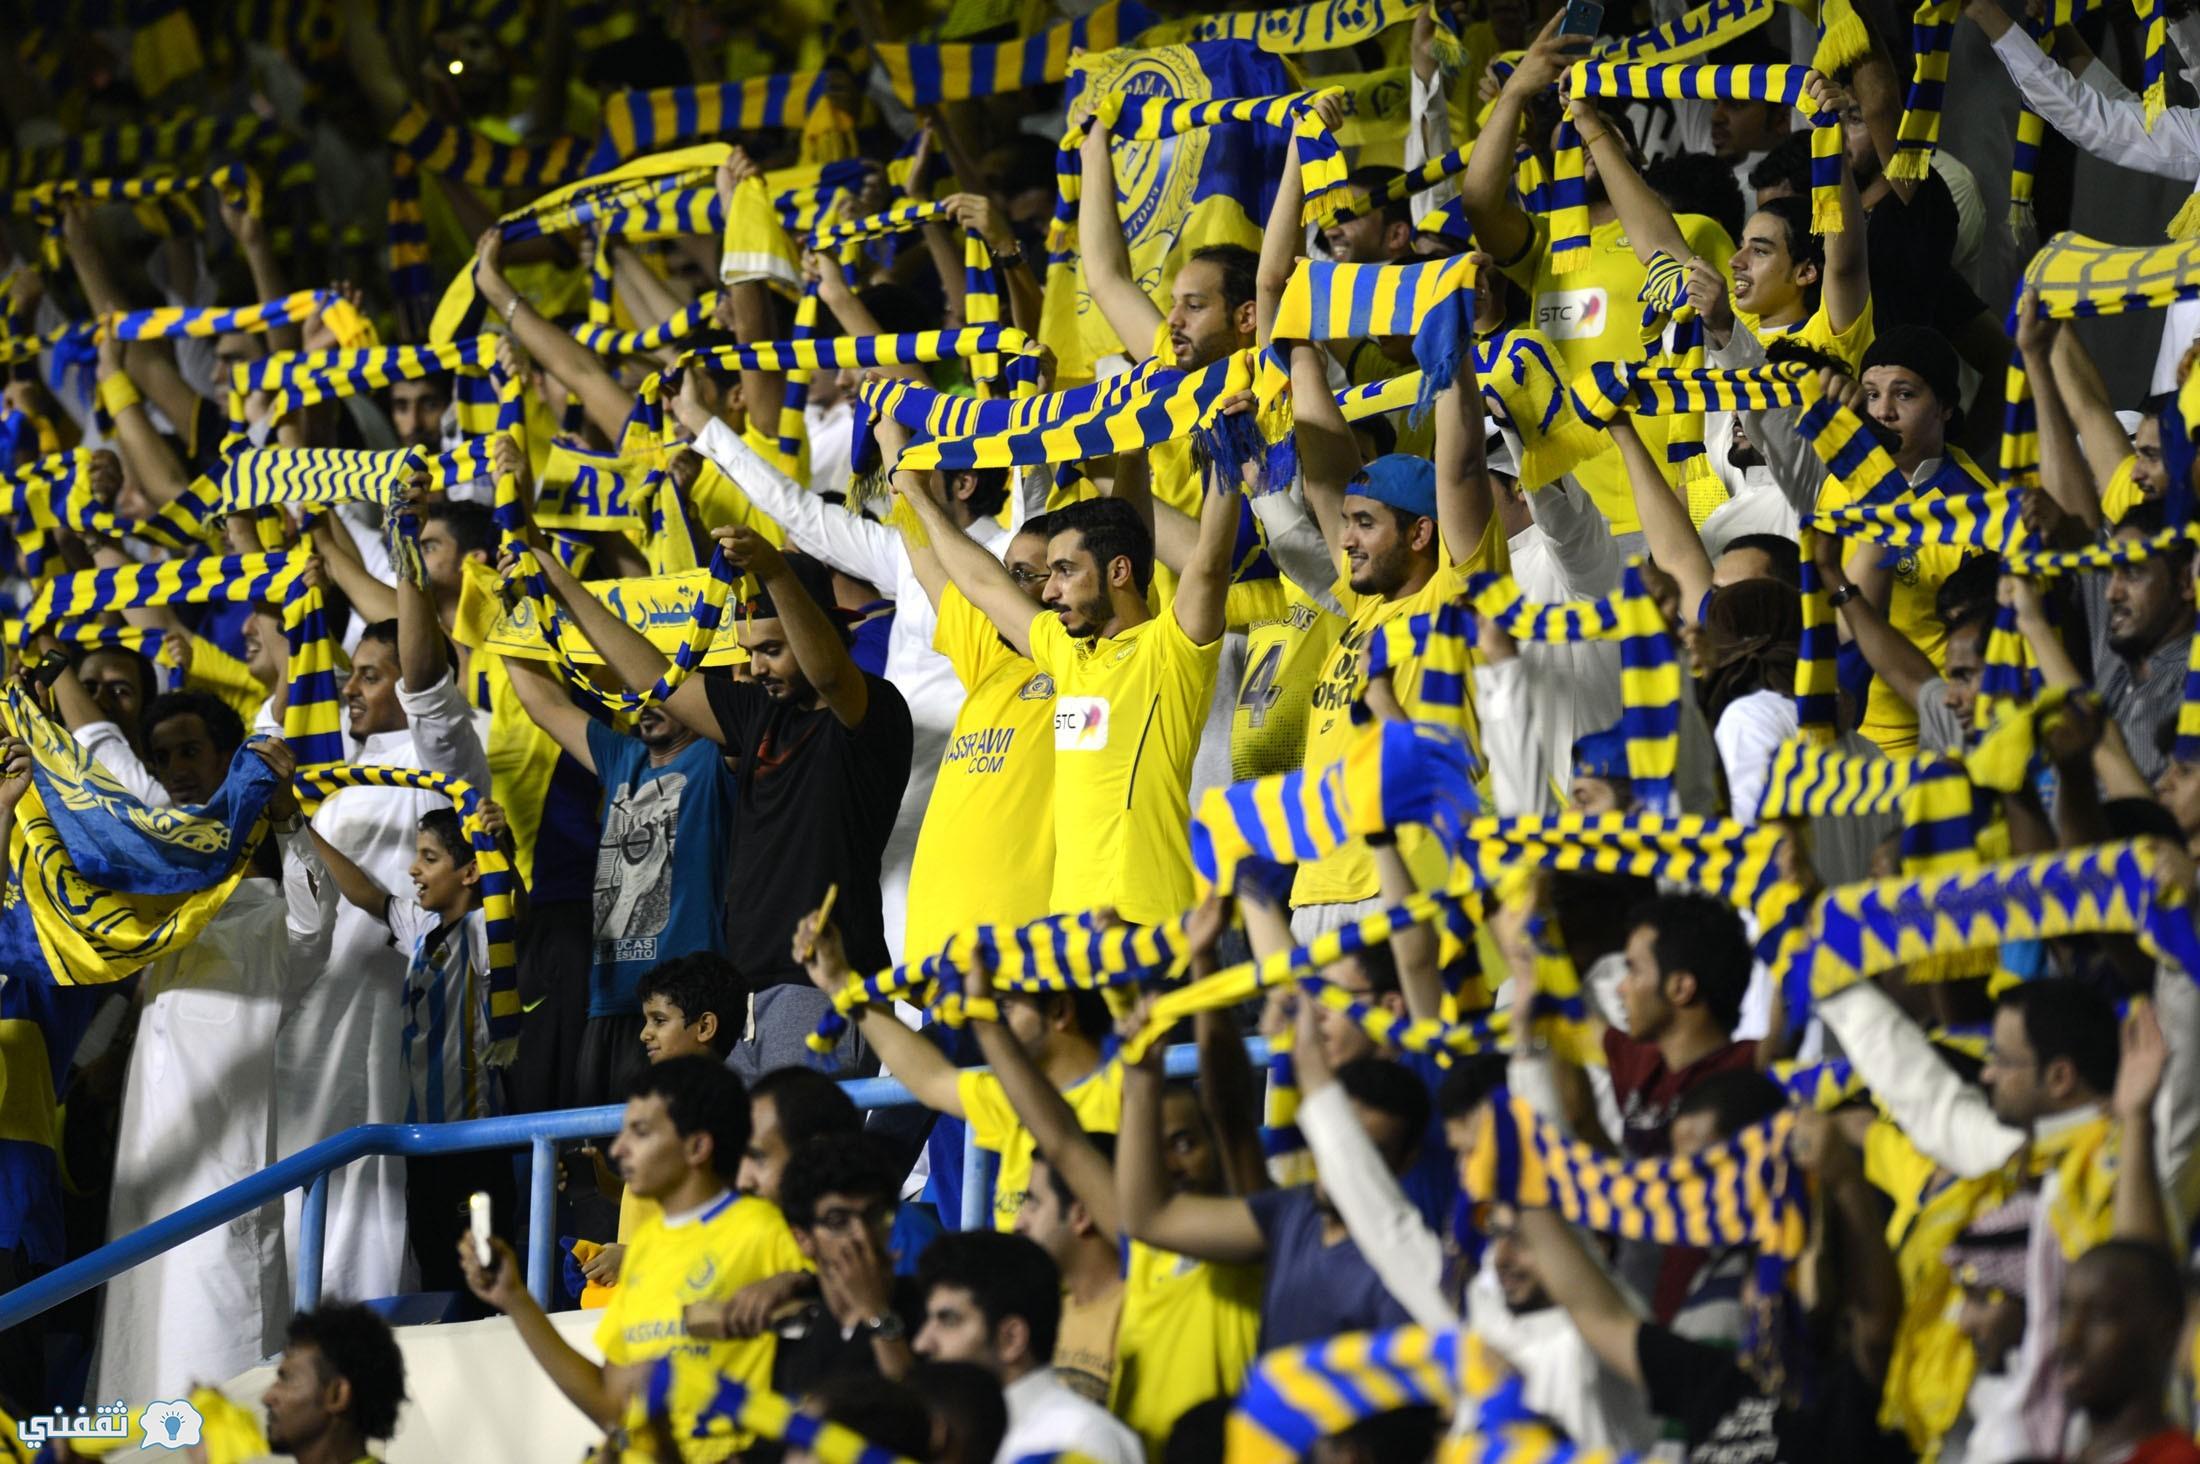 موعد مباراة النصر والفيحاء يوم الخميس في كأس خادم الحرمين الشريفين والقنوات الناقلة للمباراة